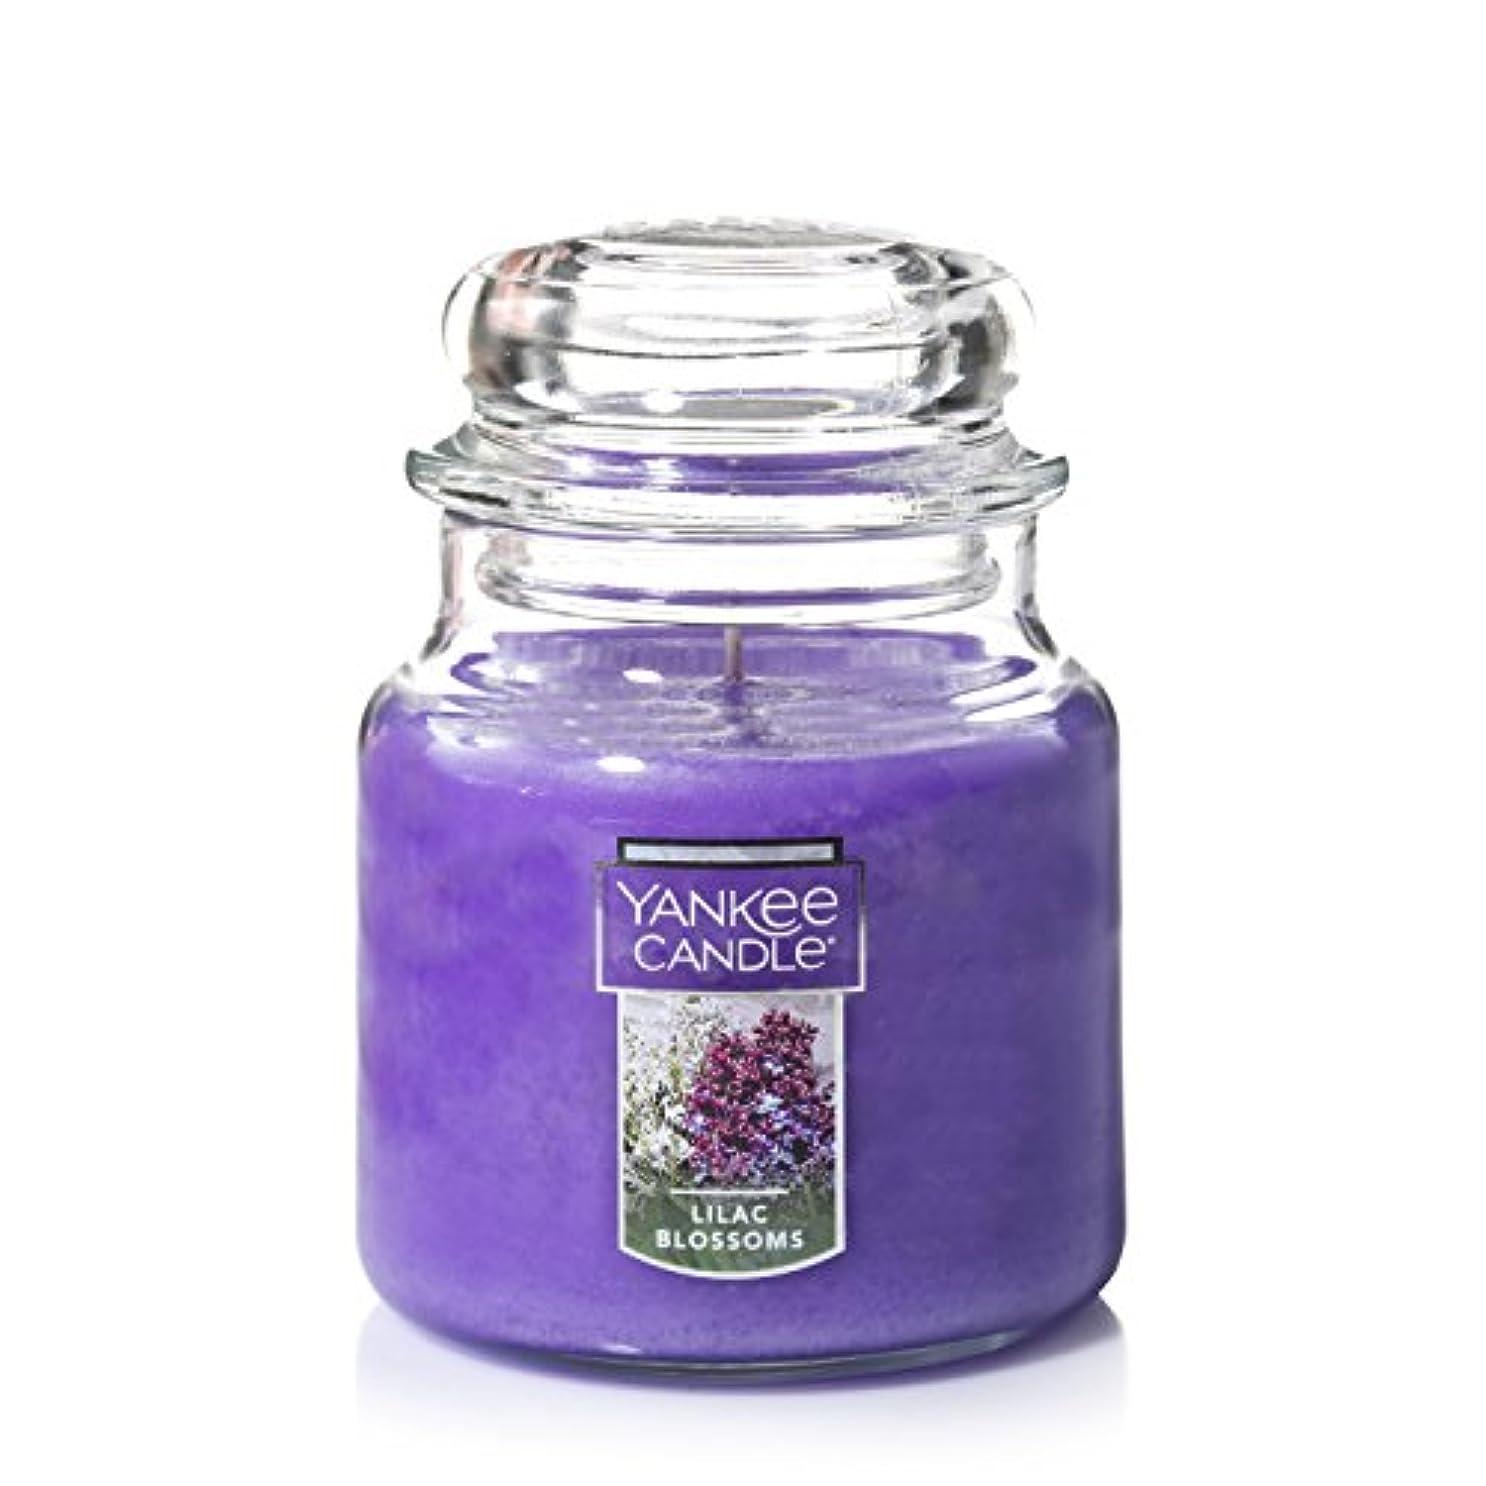 続編うそつきピボットYankee CandleライラックBlossoms Medium Jar 14.5oz Candle One パープル 1006996